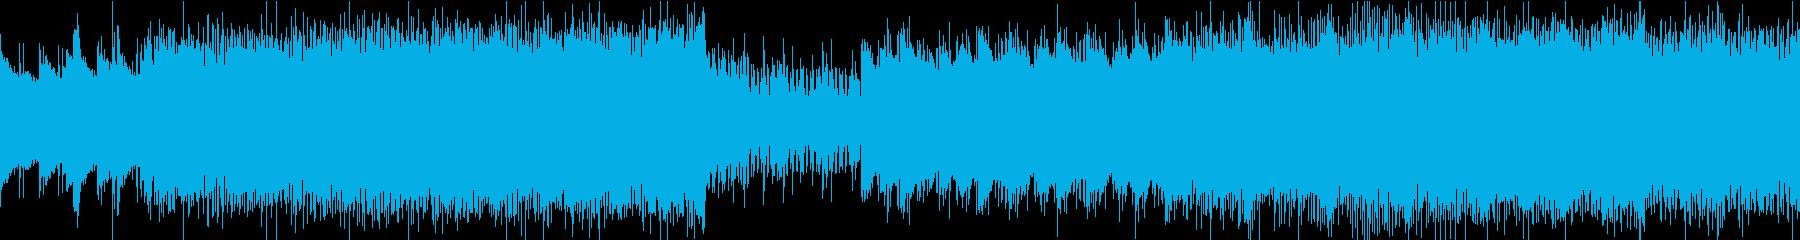 ロールプレイングゲーム風バトルBGMの再生済みの波形